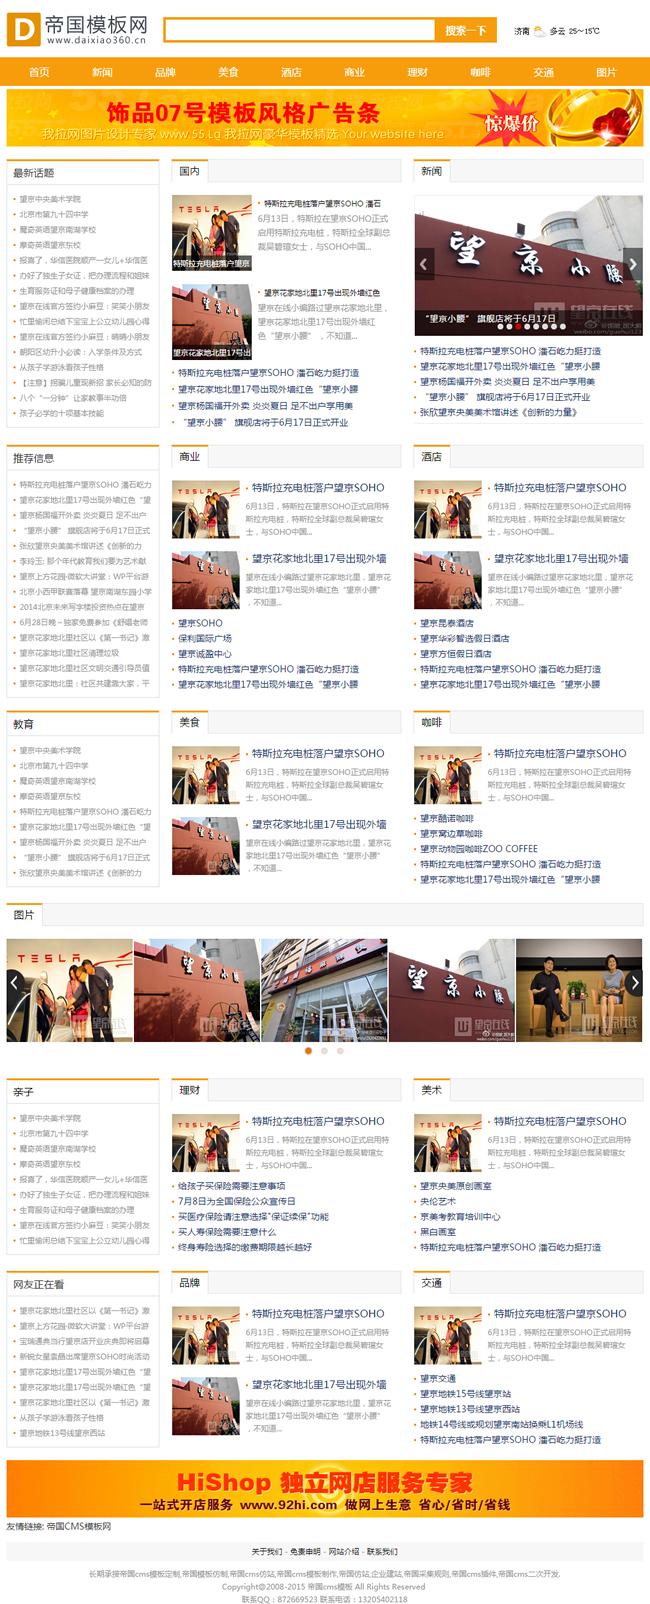 新闻文章资讯网站模板帝国cms橙色新闻模板_首页